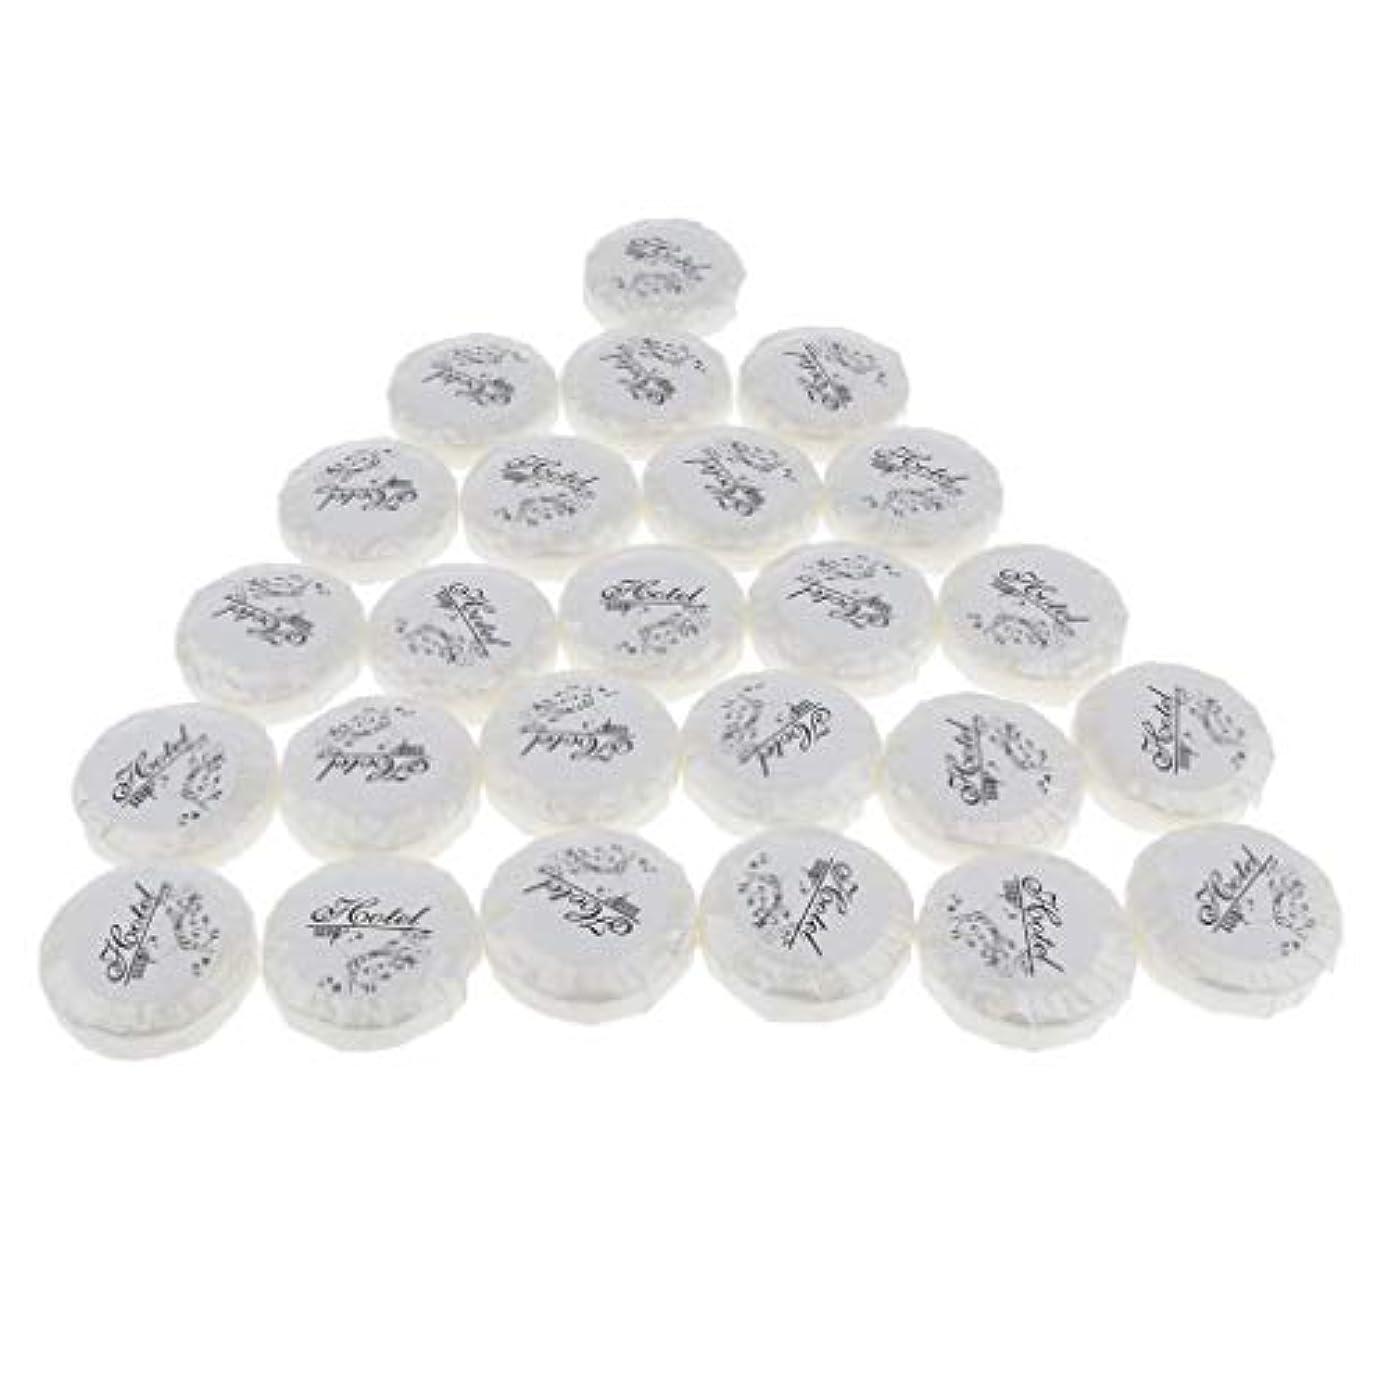 正しいアマゾンジャングル器具P Prettyia 約150個セット 石鹸 洗顔石鹸 固形せっけん 無添加 植物油 ミニサイズ 携帯用 全3種類選ぶ - 13g